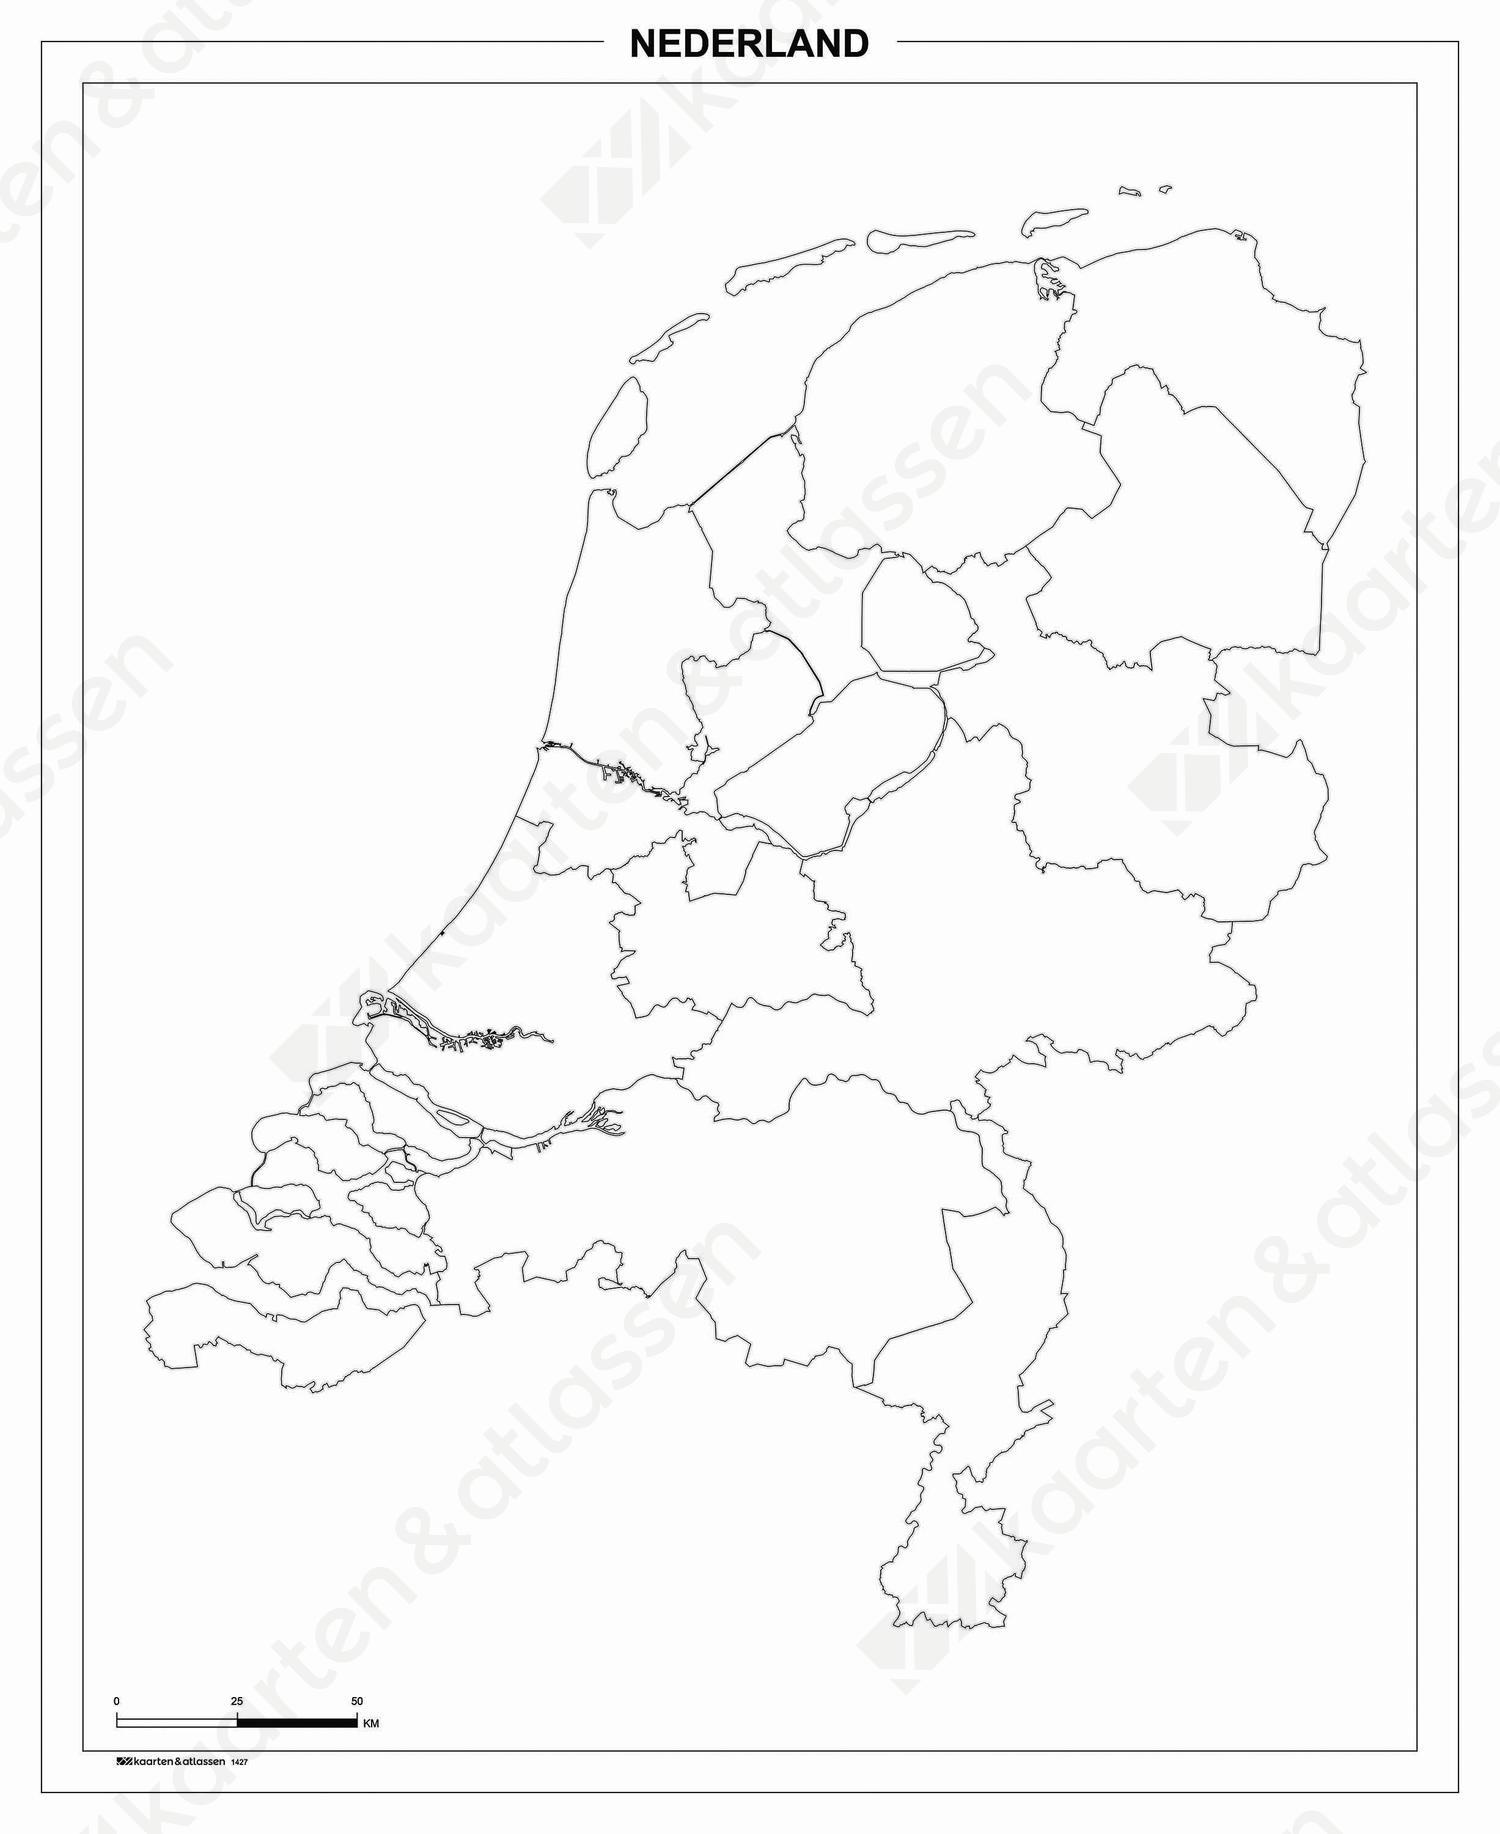 Schoolkaart Nederland Blind 1436 Kaarten En Atlassen Nl